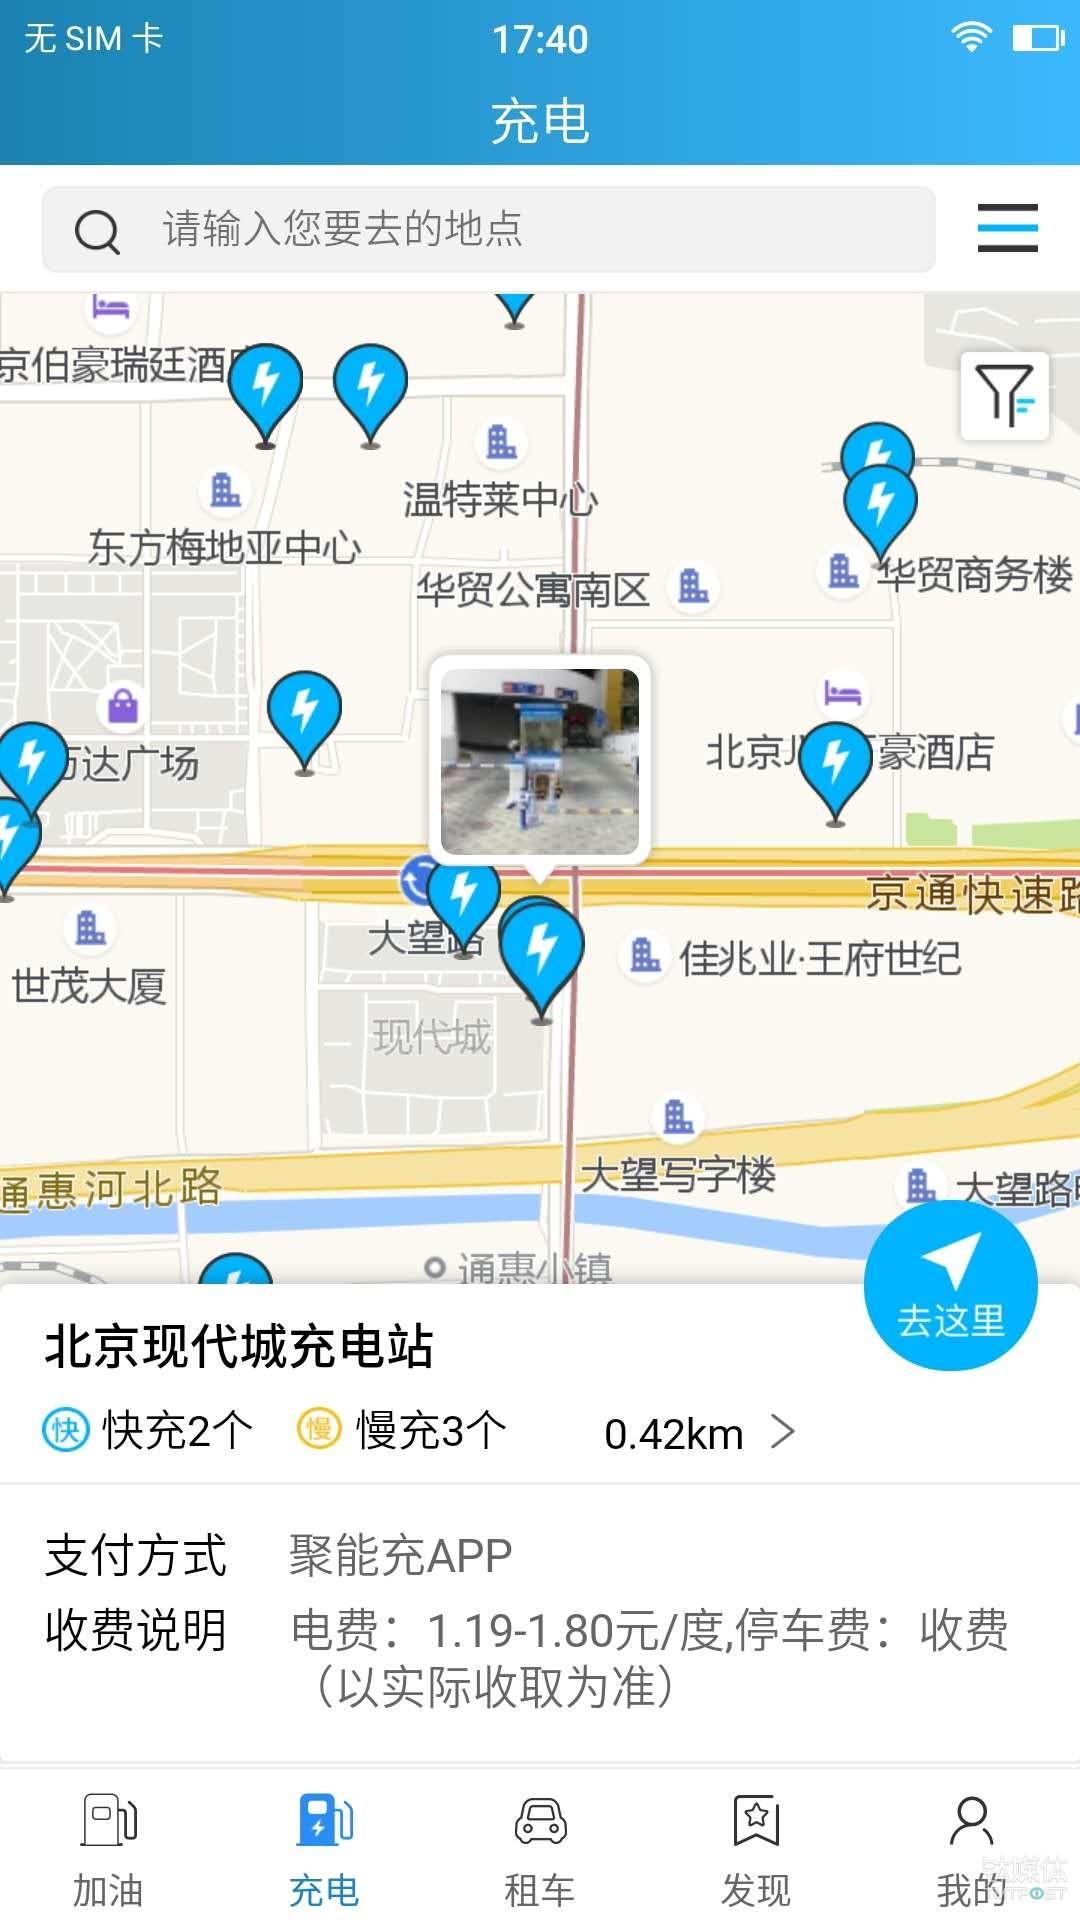 车主邦app上的充电业务